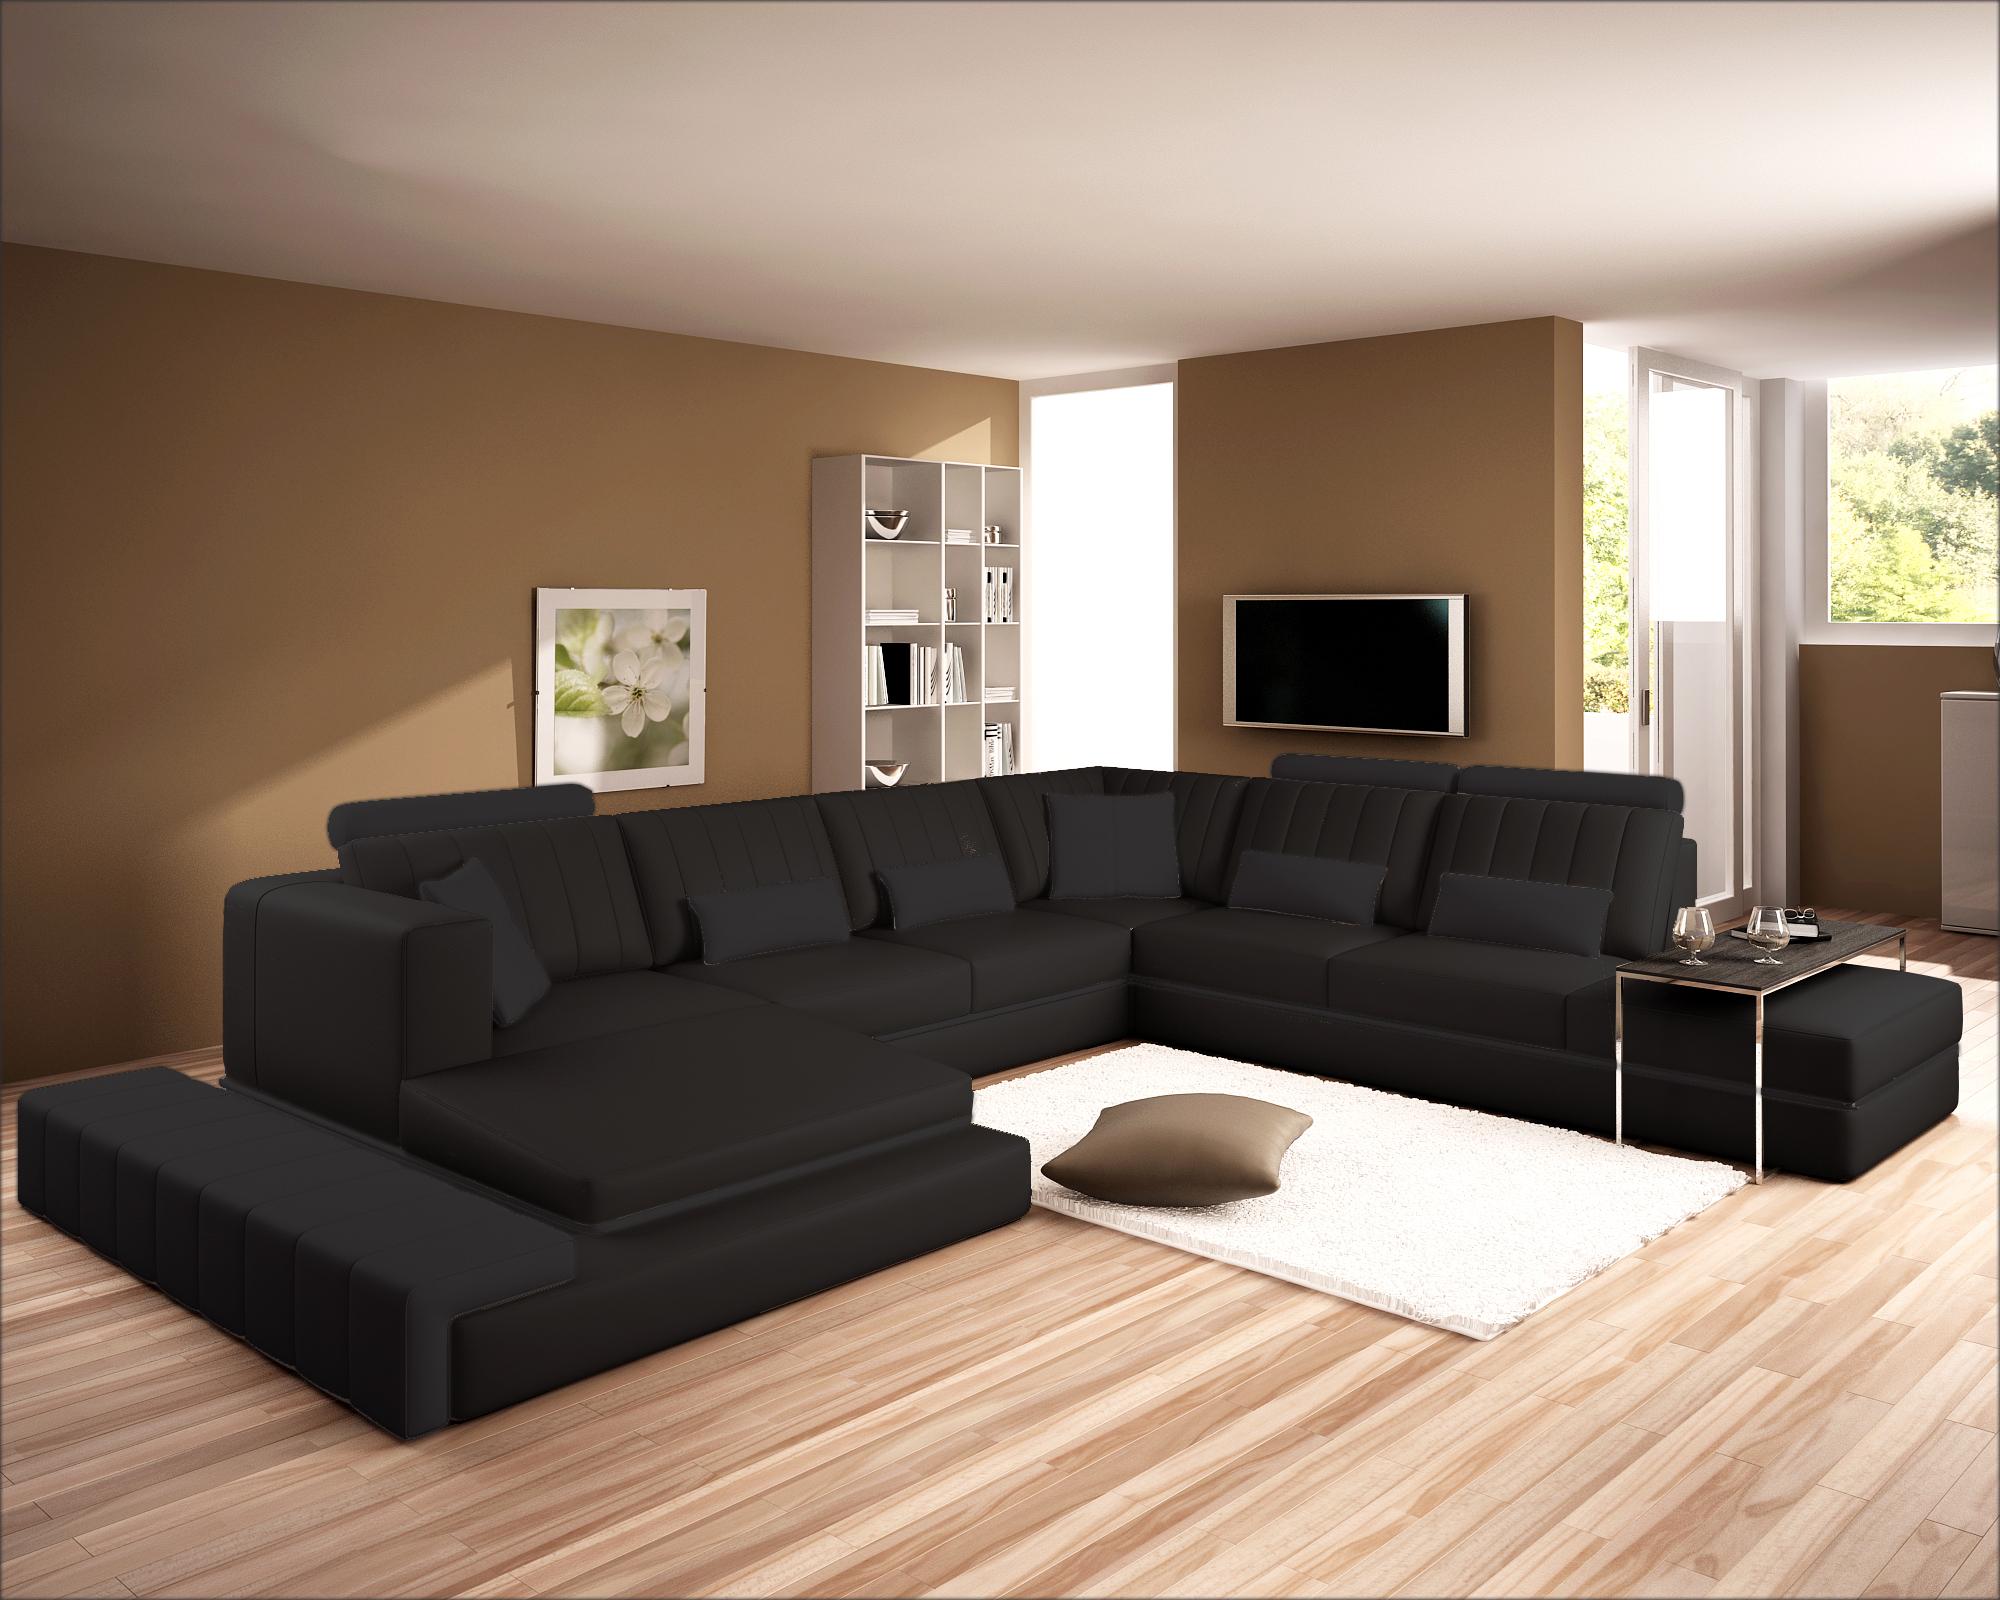 Bernstein xxl wohnlandschaft 5029 eck couch neu ledercouch for Eck wohnlandschaft